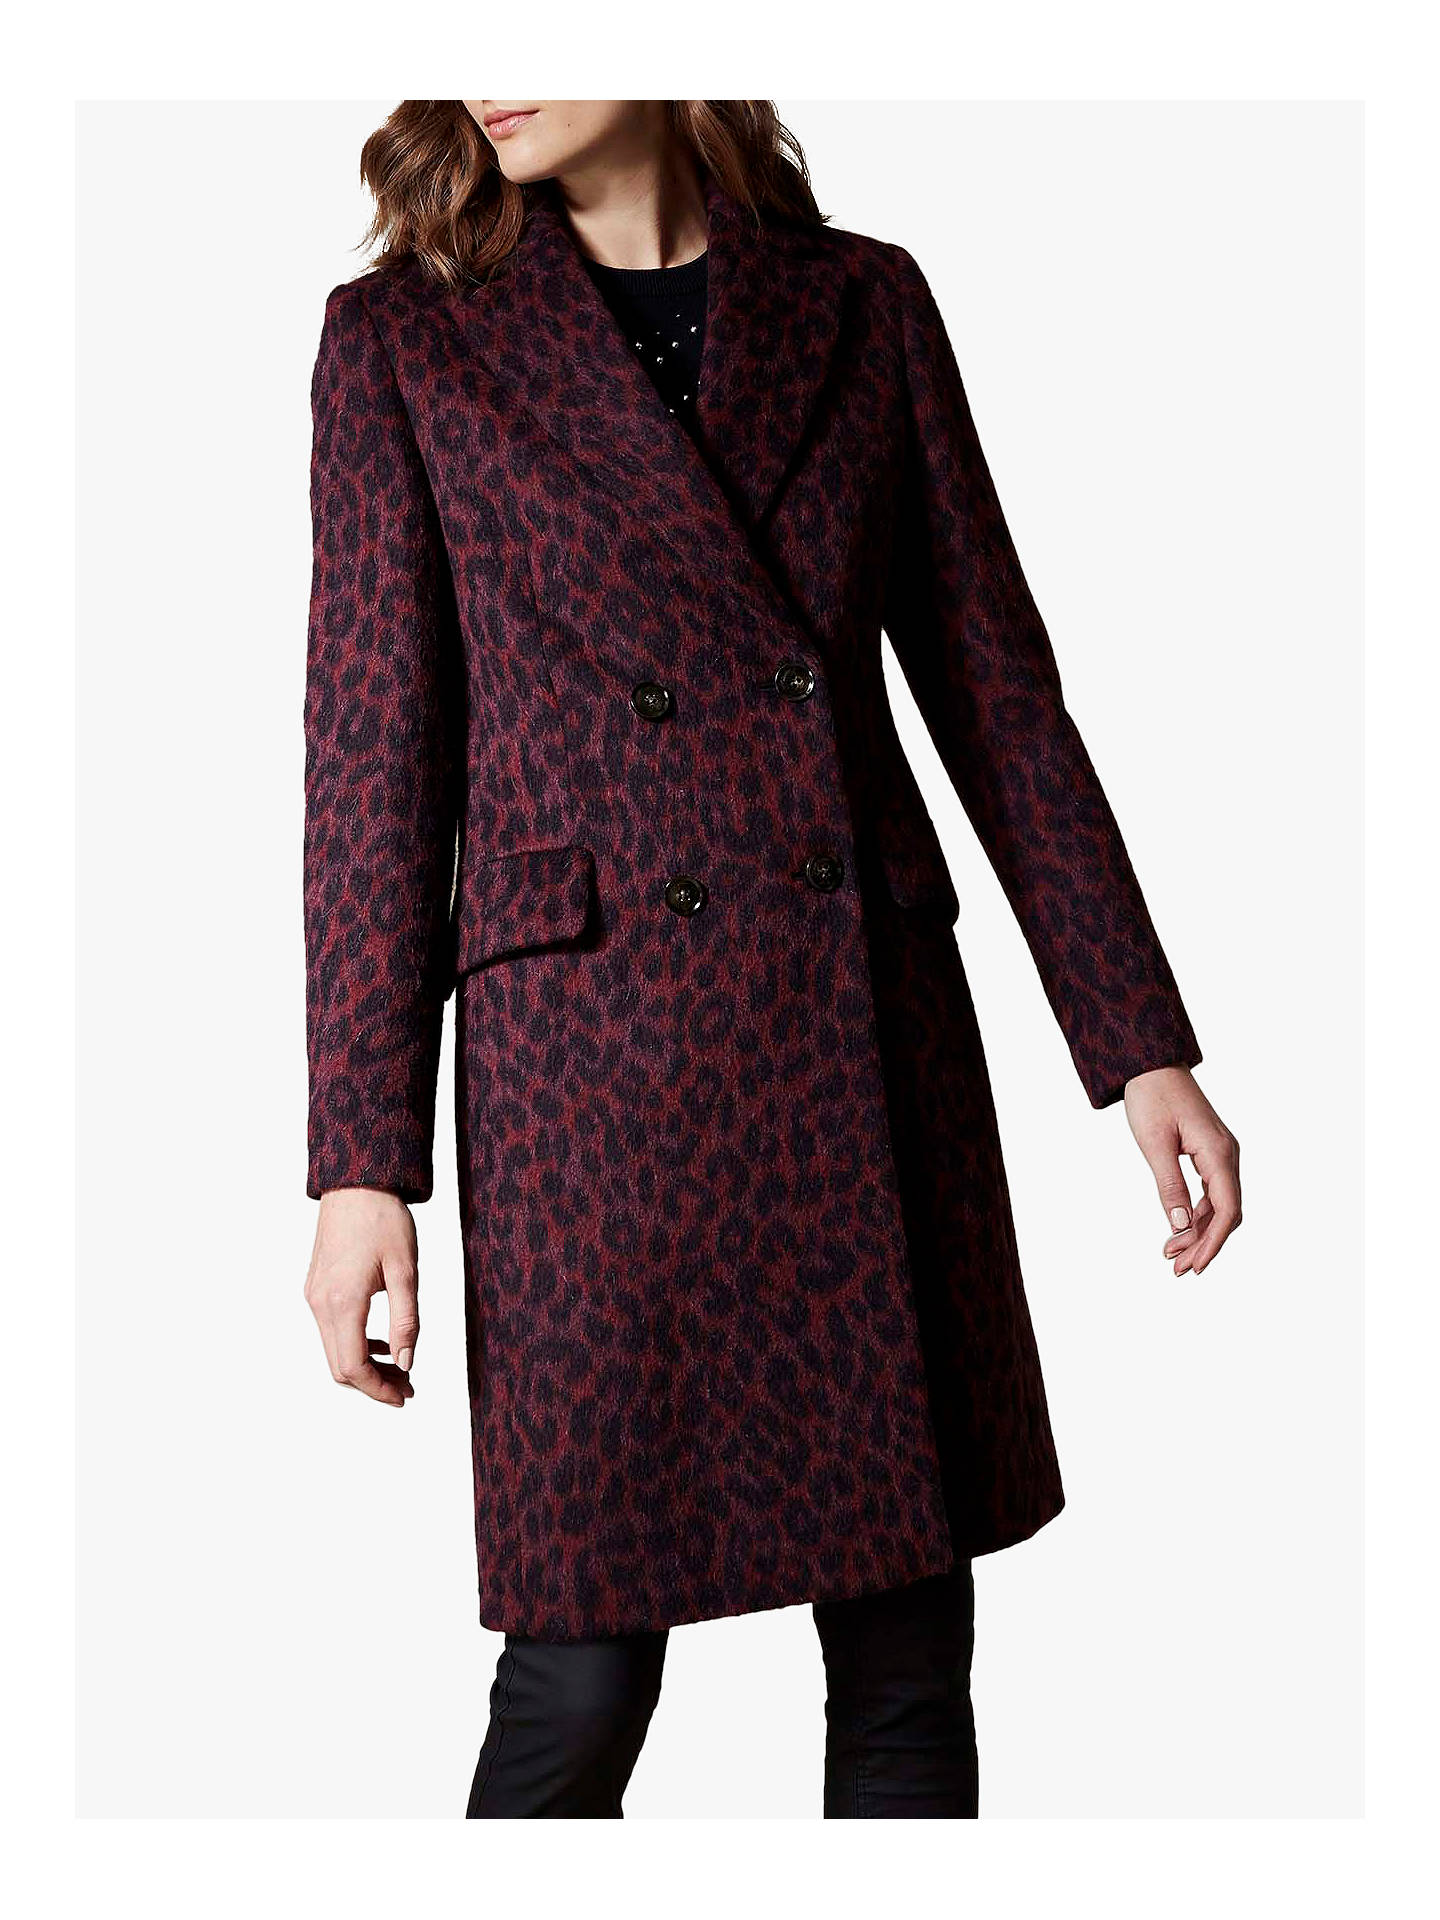 464fd2e70659 Buy Karen Millen Leopard Print Tailored Coat, Red, 6 Online at  johnlewis.com ...